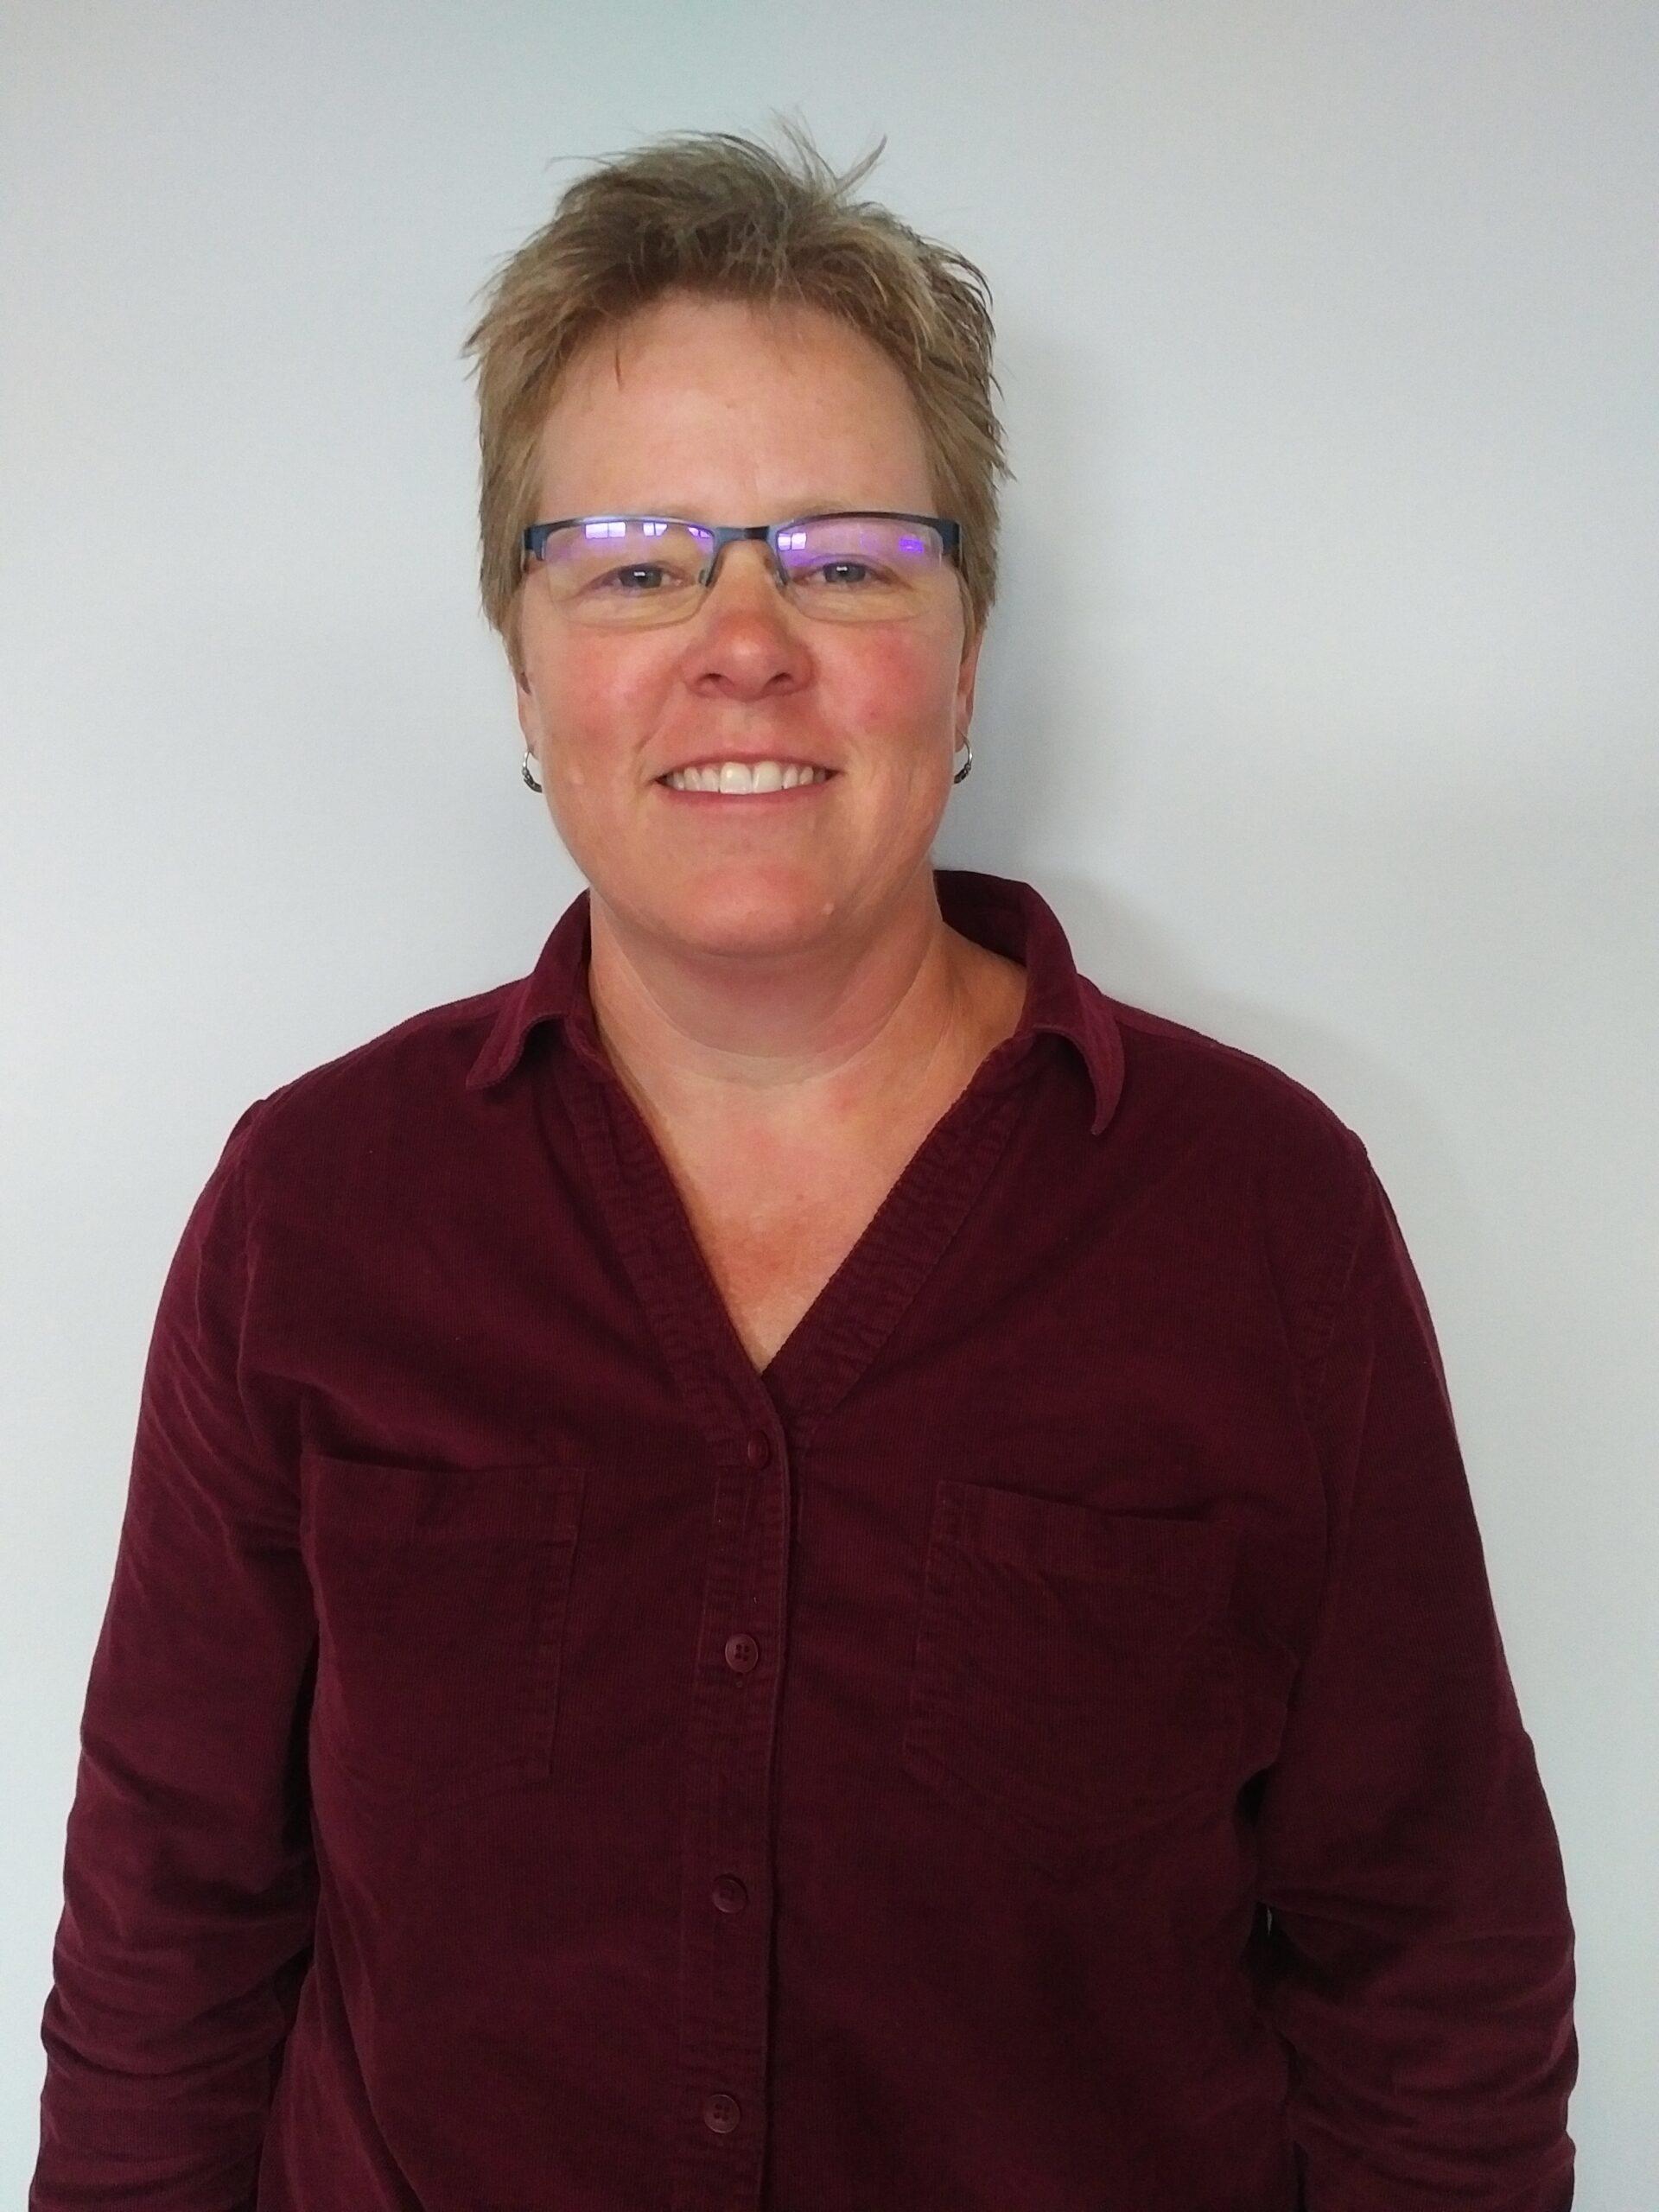 Kathy Stranks_Oct25